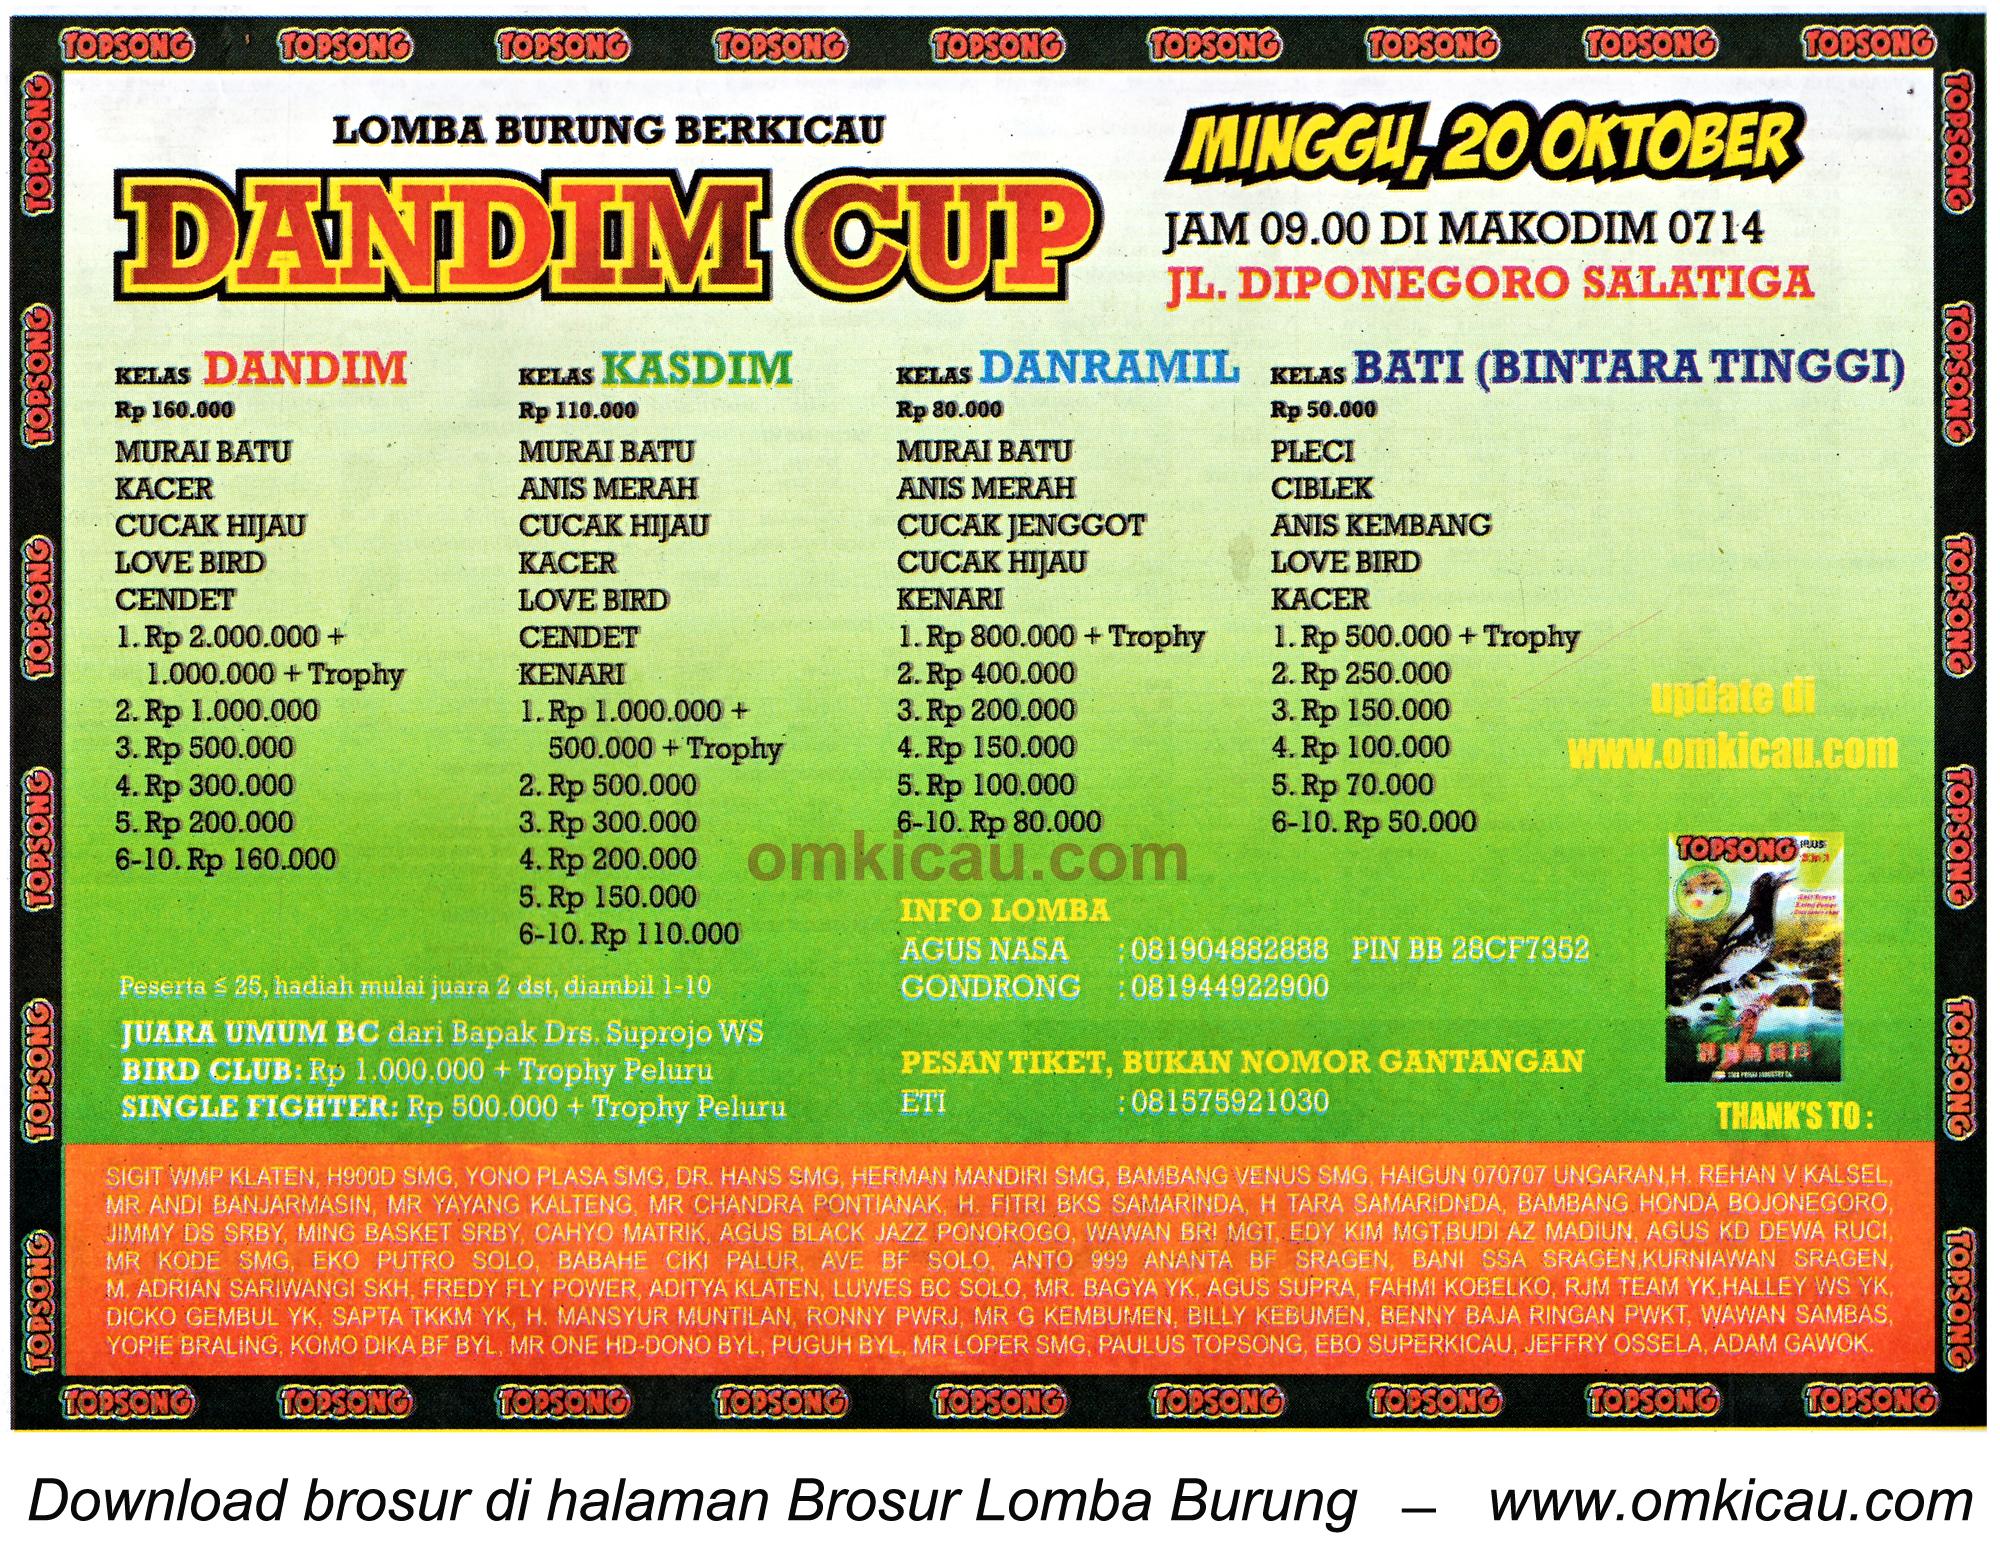 Brosur Lomba Burung Berkicau Dandim Cup, Salatiga, 20 Oktober 2013